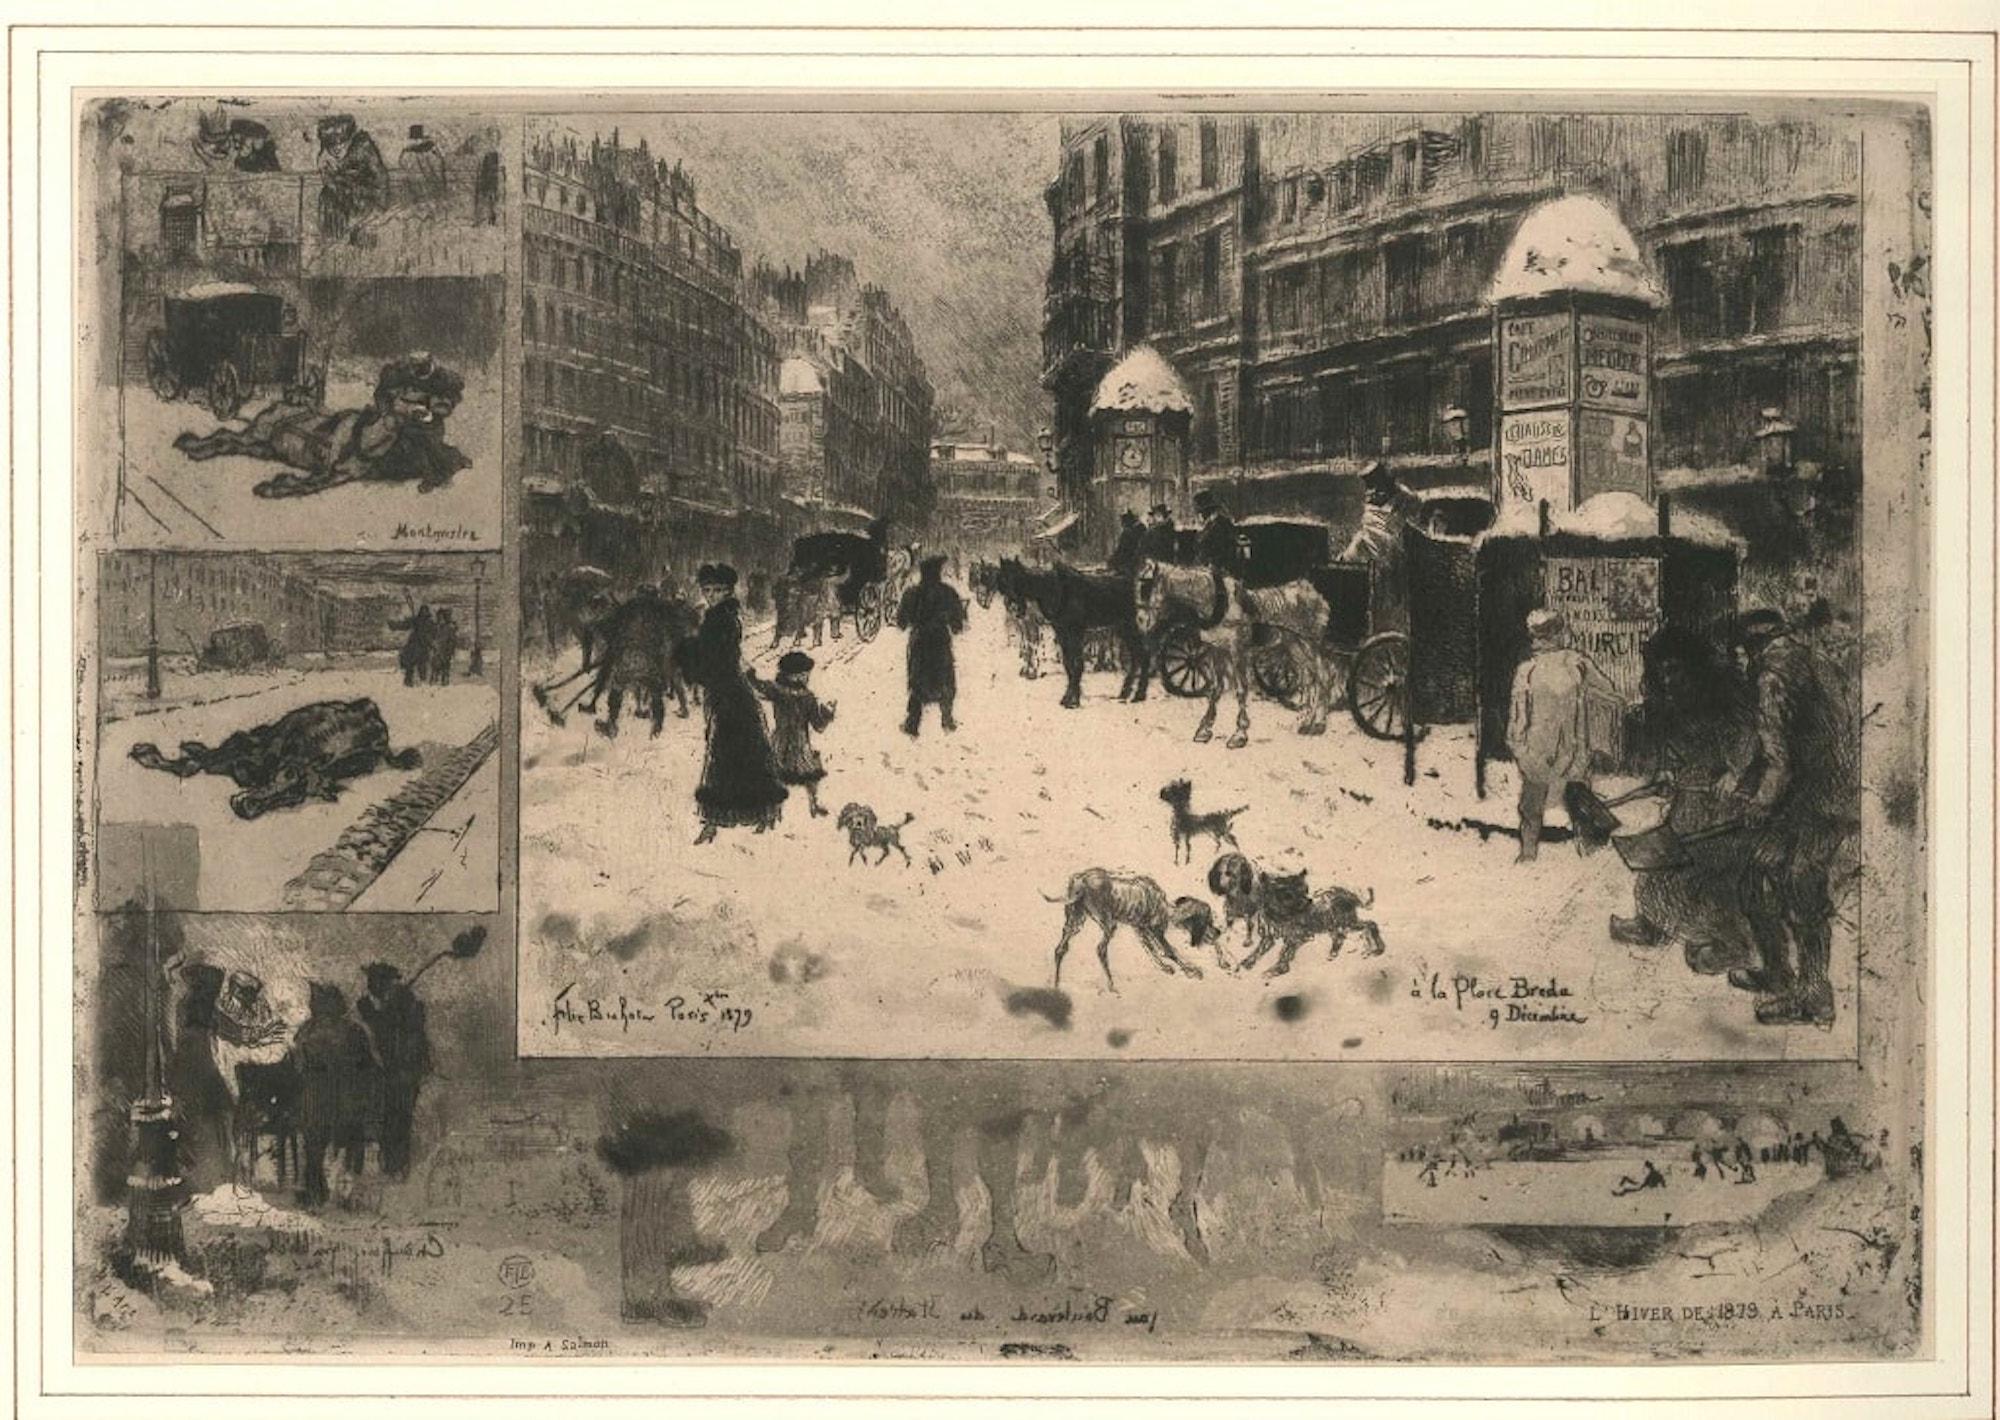 La neige à Paris (Snow in Paris) - Original Etching by F. H. Buhot - 1879